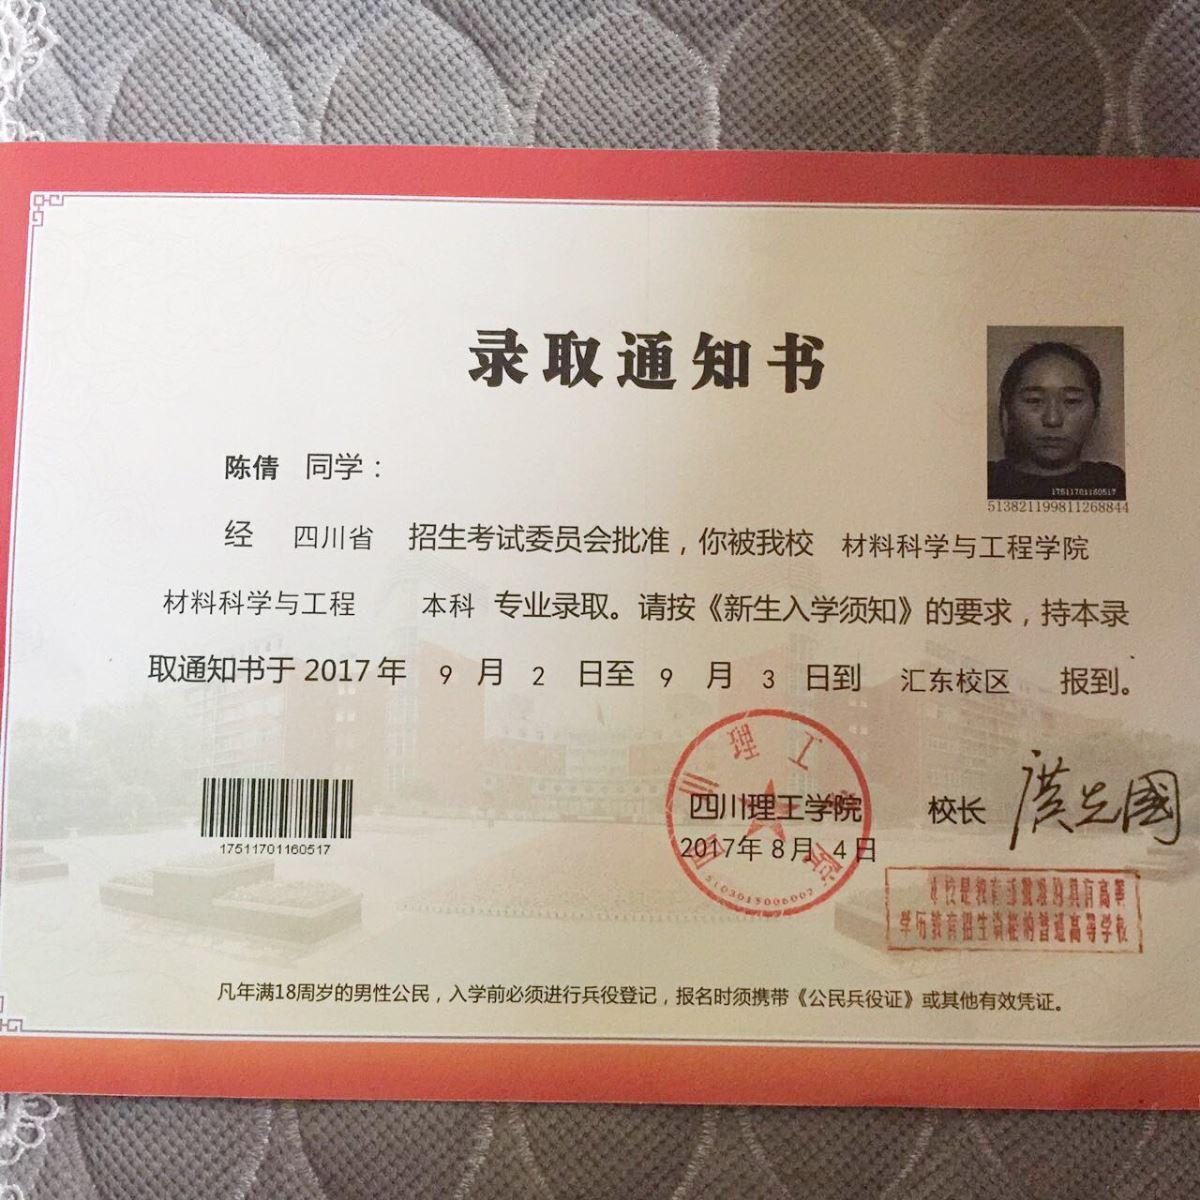 咨詢專家成功錄取四川理工學院心儀專業